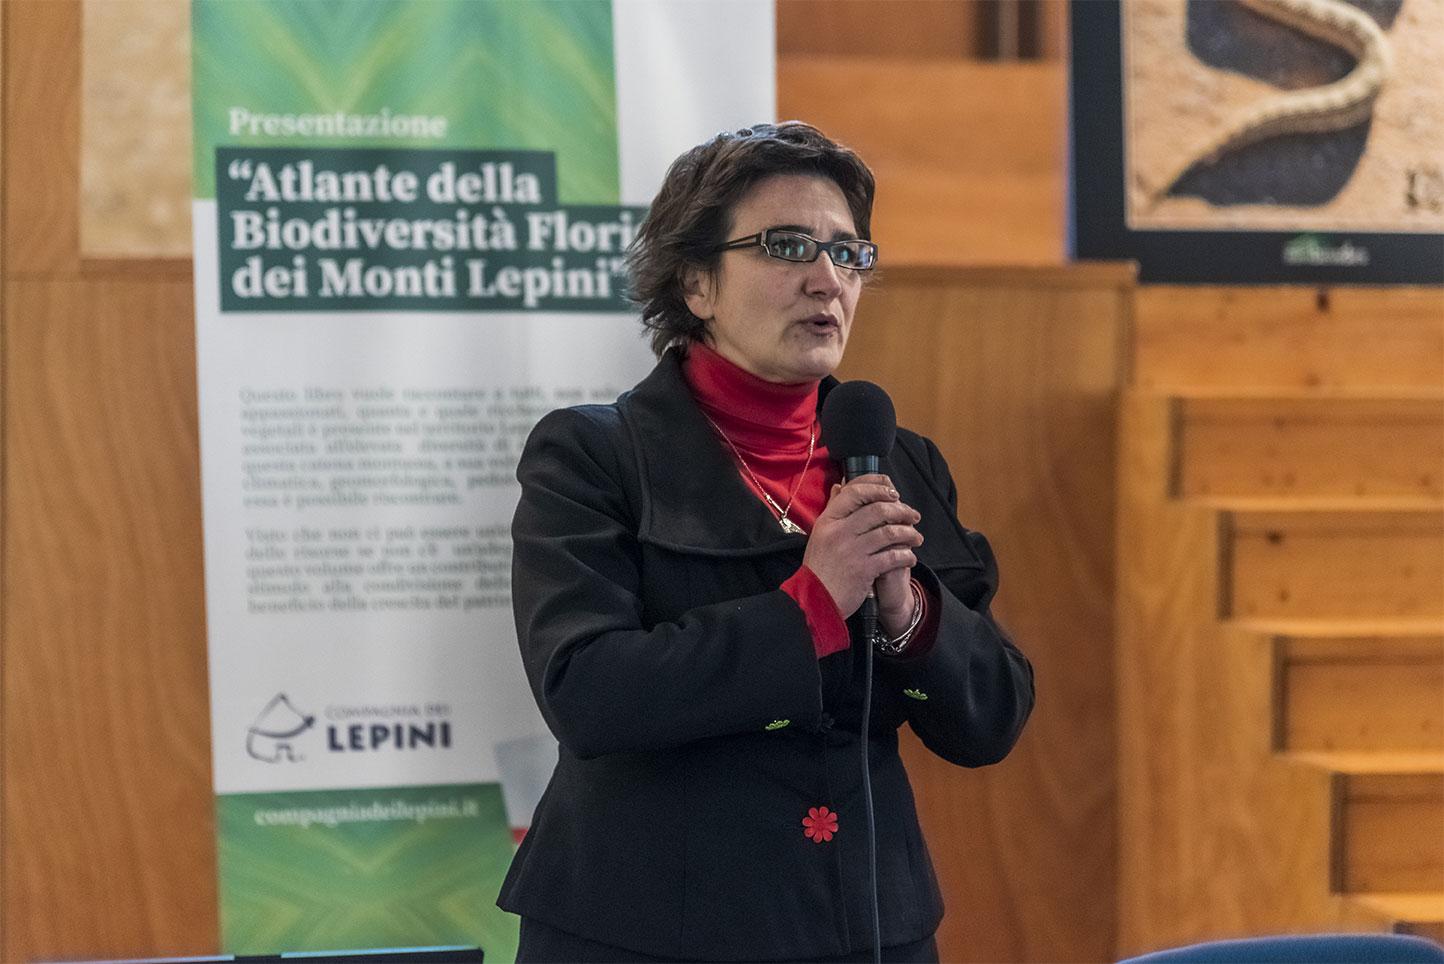 compagnia-dei-lepini-convegno-biodiversita-25-01-2020-95